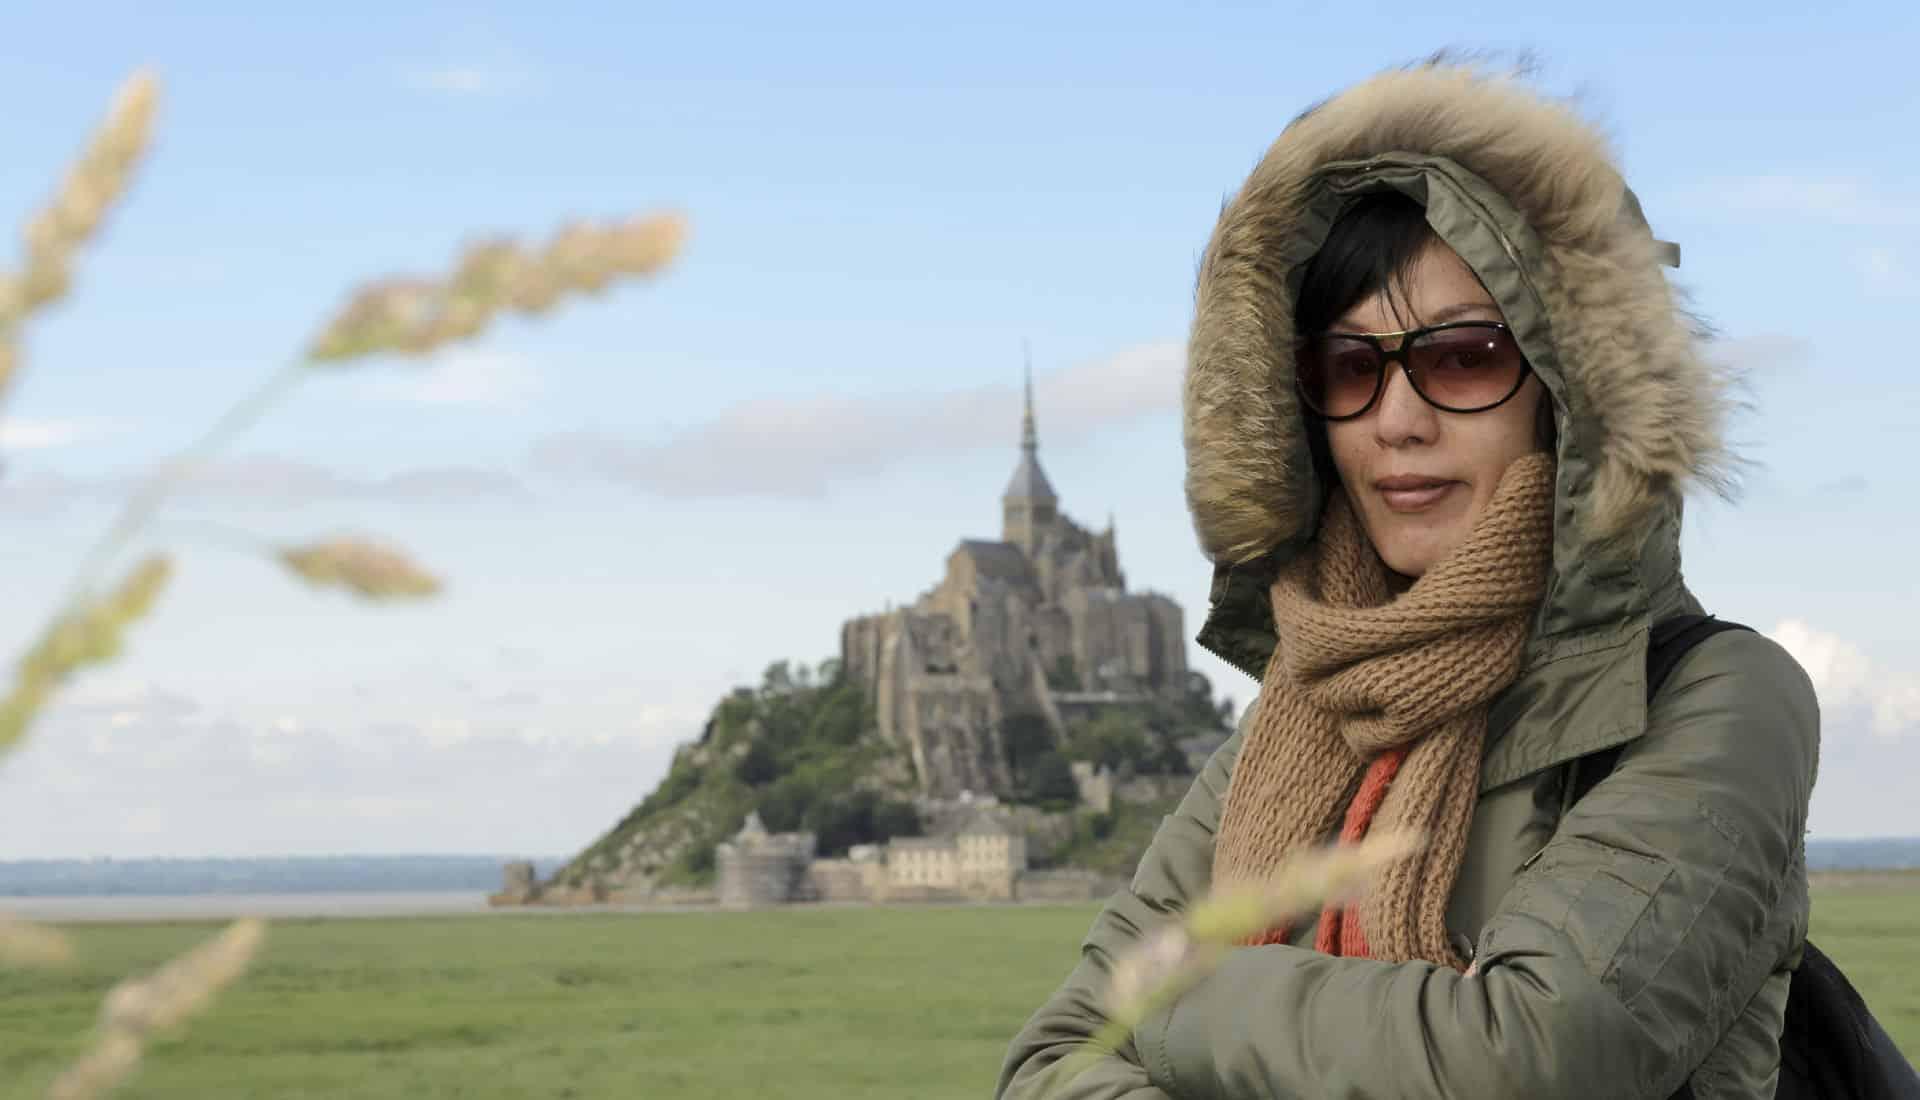 Chinois-mont-saint-michel